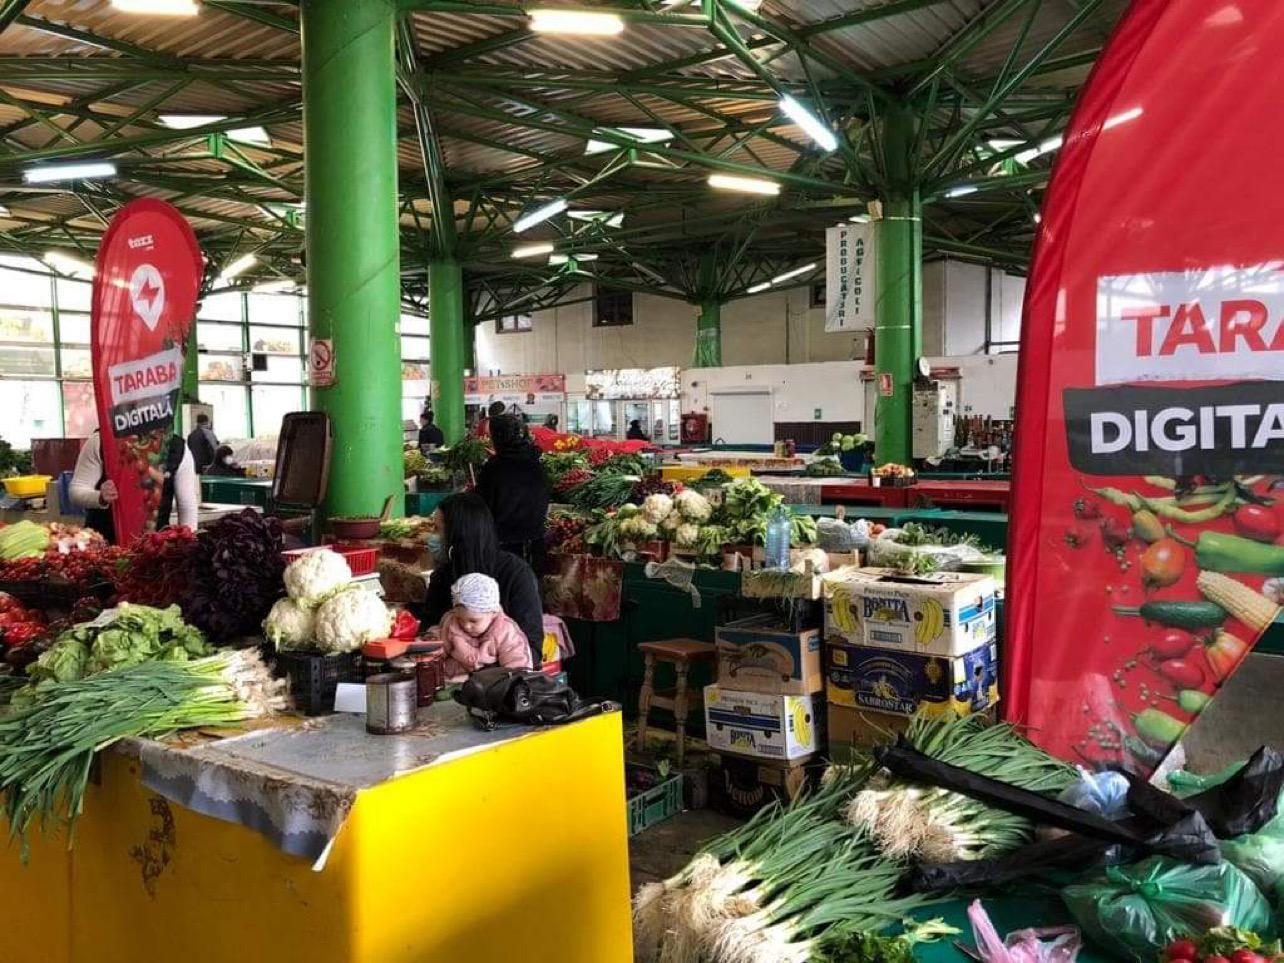 """(P) Tazz by eMAG livrează la ușa clienților legume și fructe proaspete direct din piață prin """"Taraba digitală"""""""